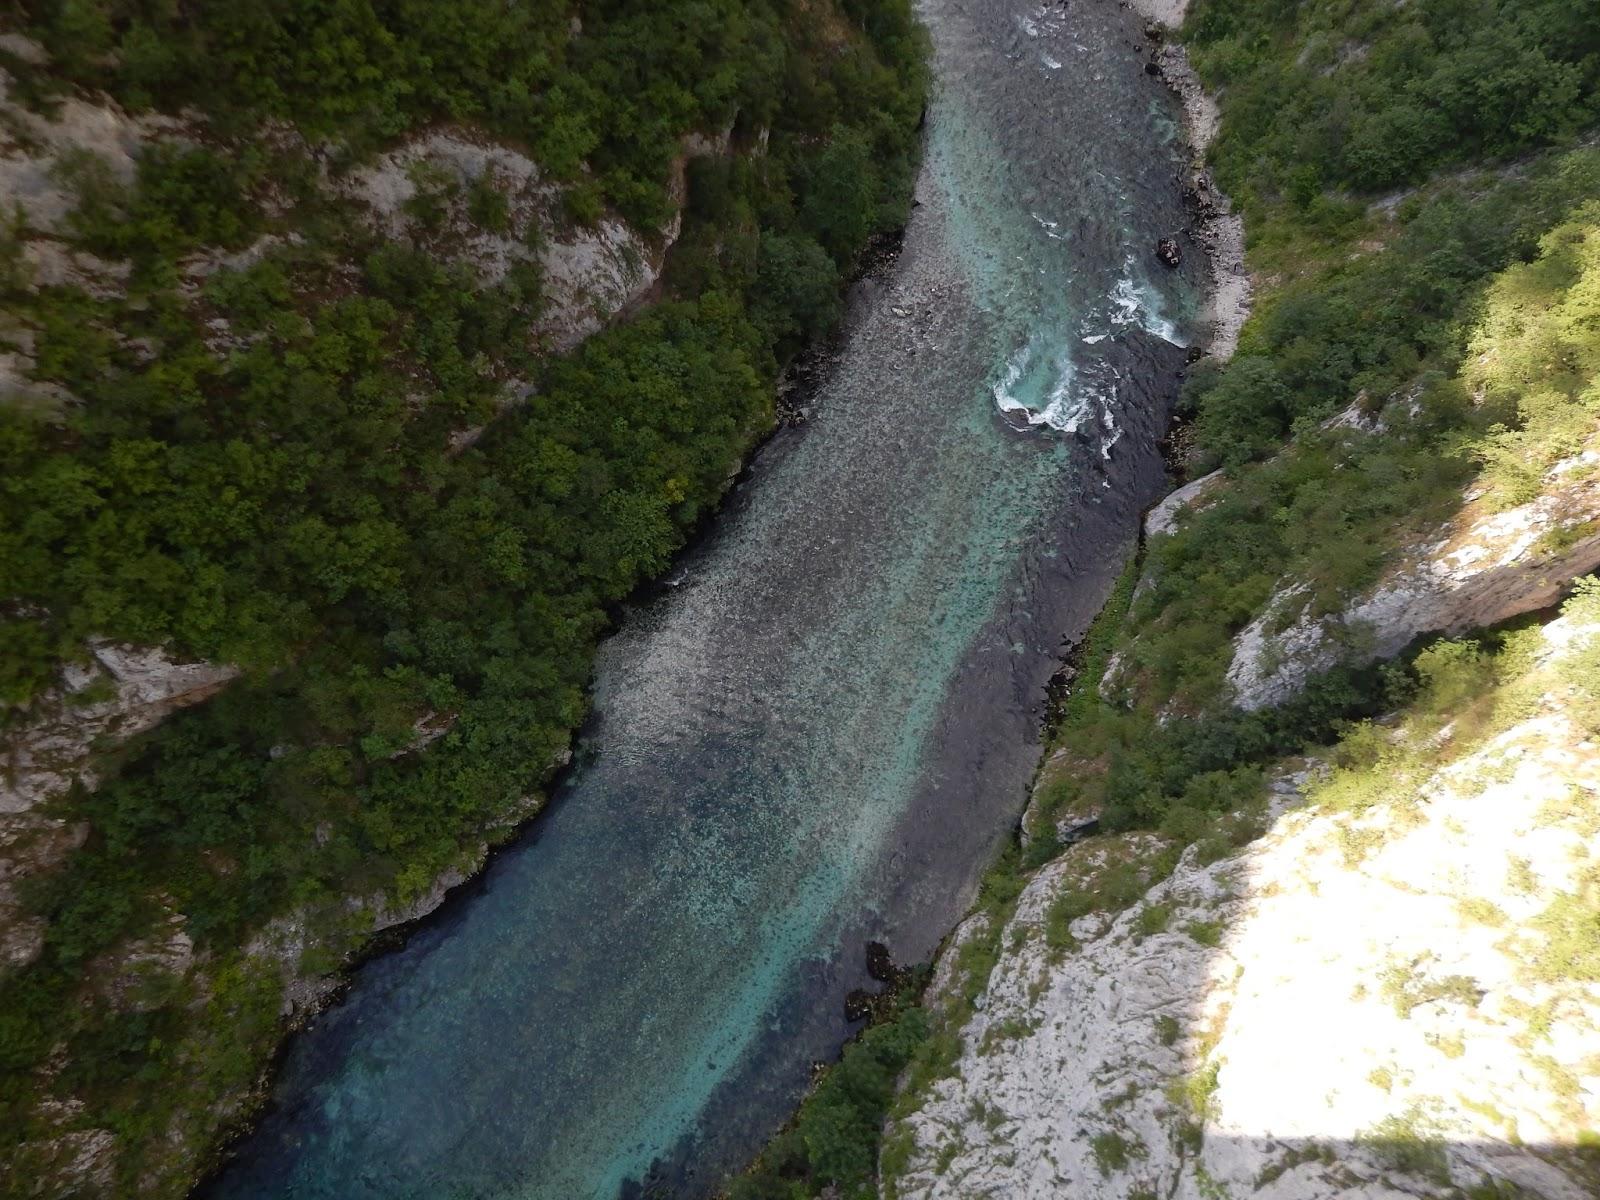 řeka Piva v Bosně a Hercegovině